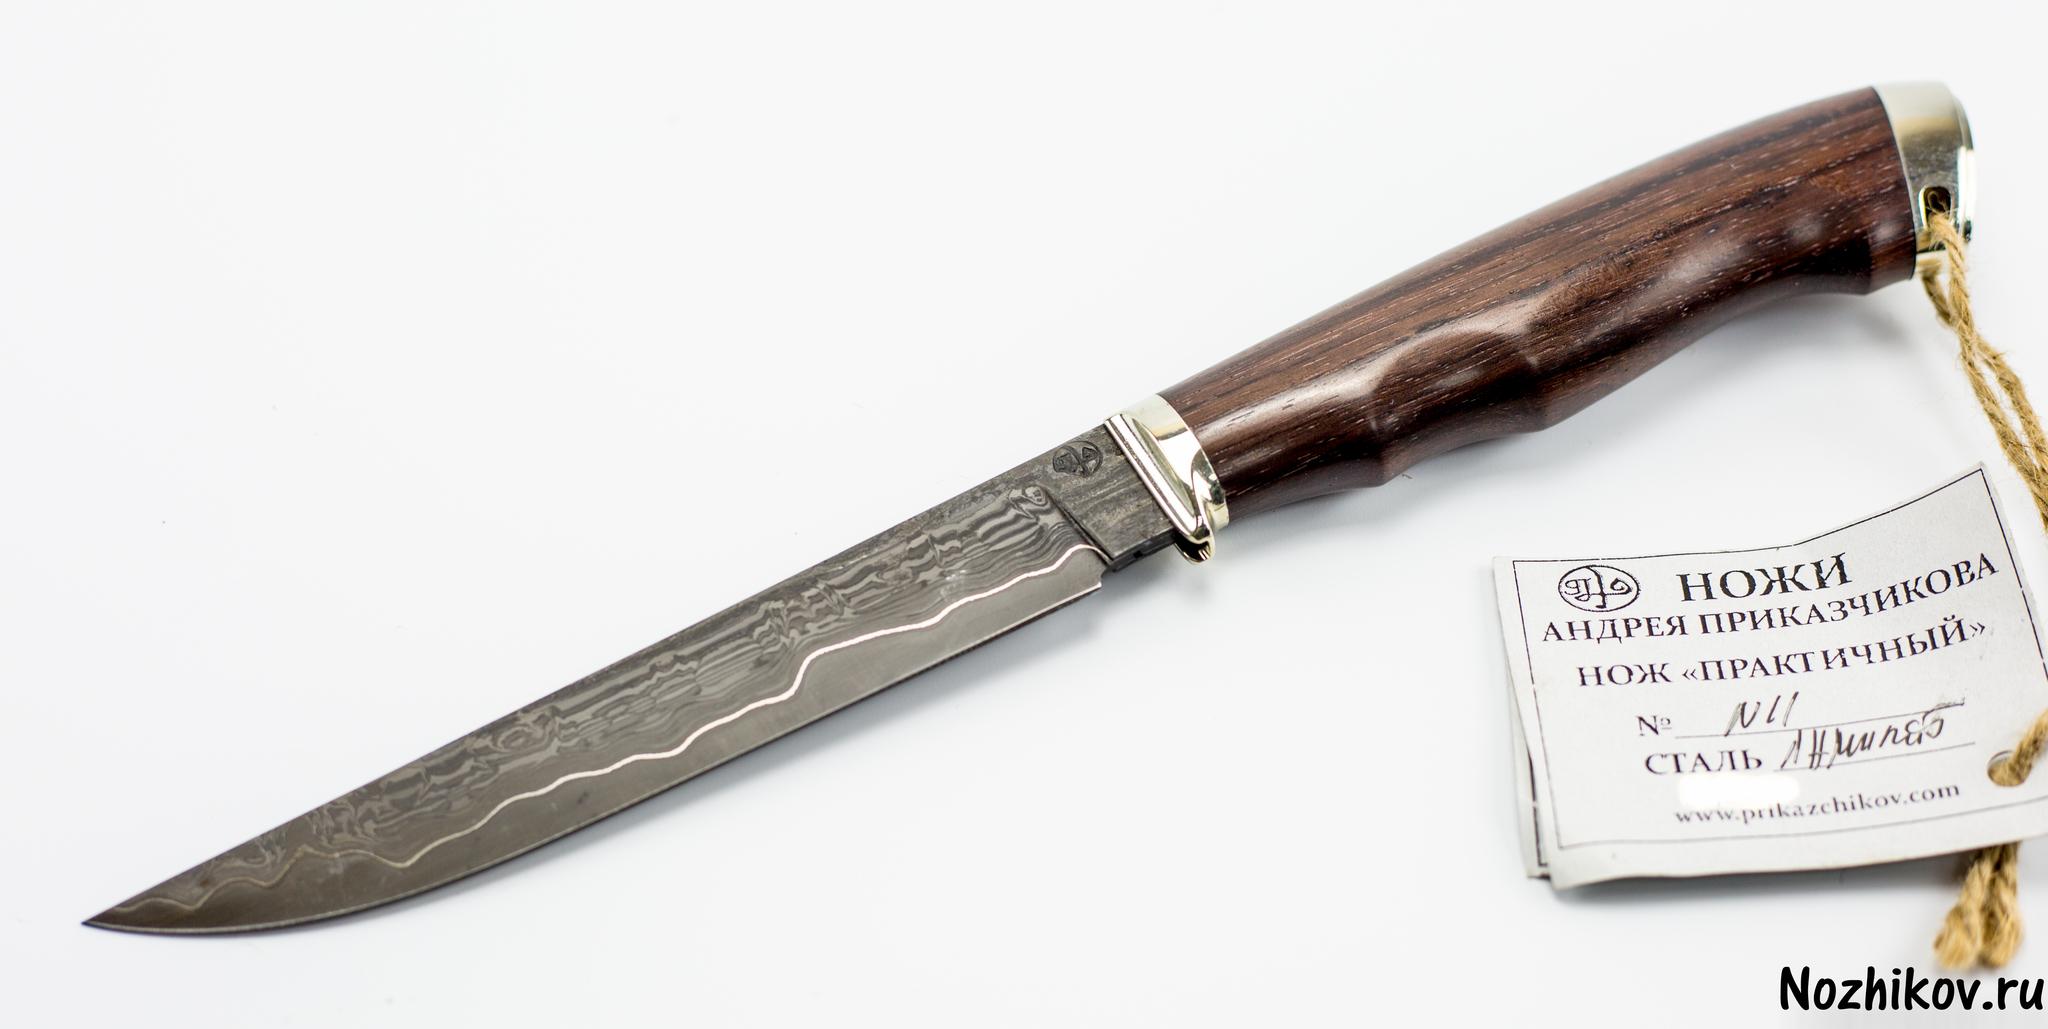 Нож Практичный №11 из Ламината, от ПриказчиковаНожи Павлово<br><br>